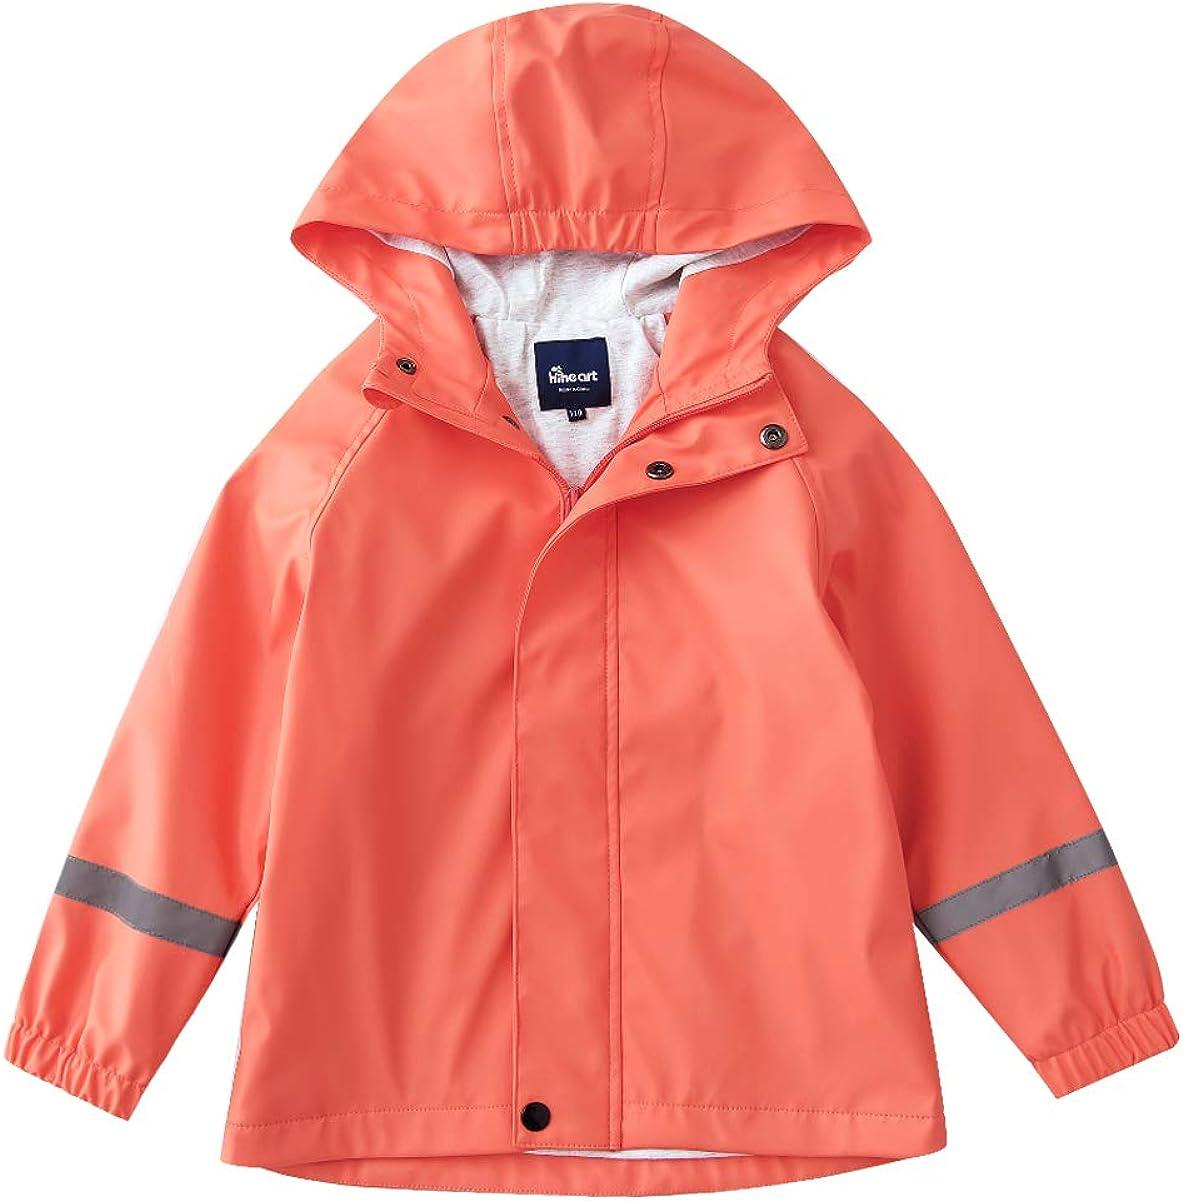 Hiheart Boys Girls Waterproof Hooded Jackets Fleece Lined Windbreaker